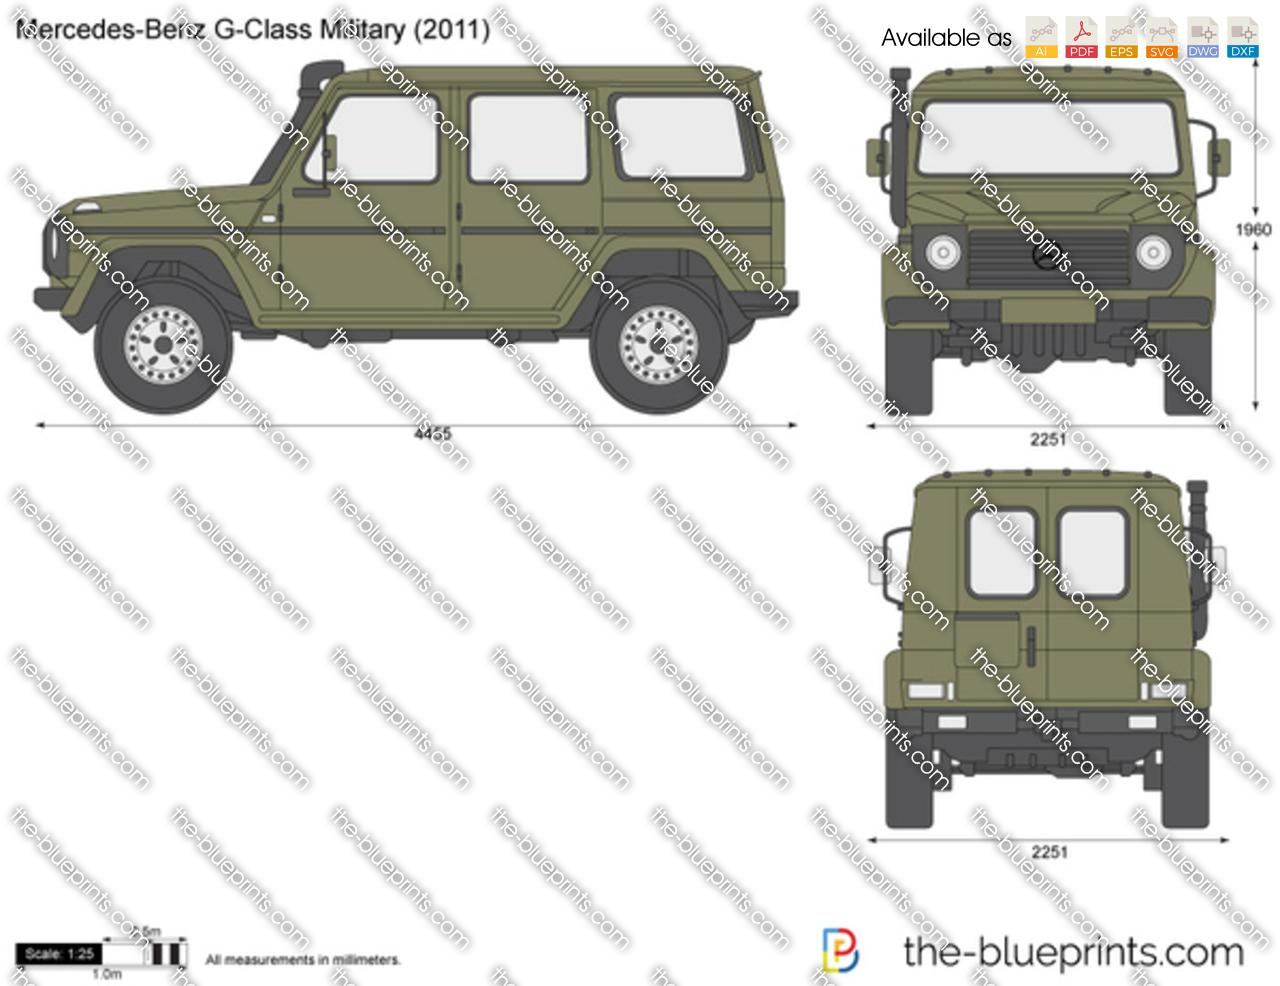 Mercedes-Benz G-Class Military 461 1997